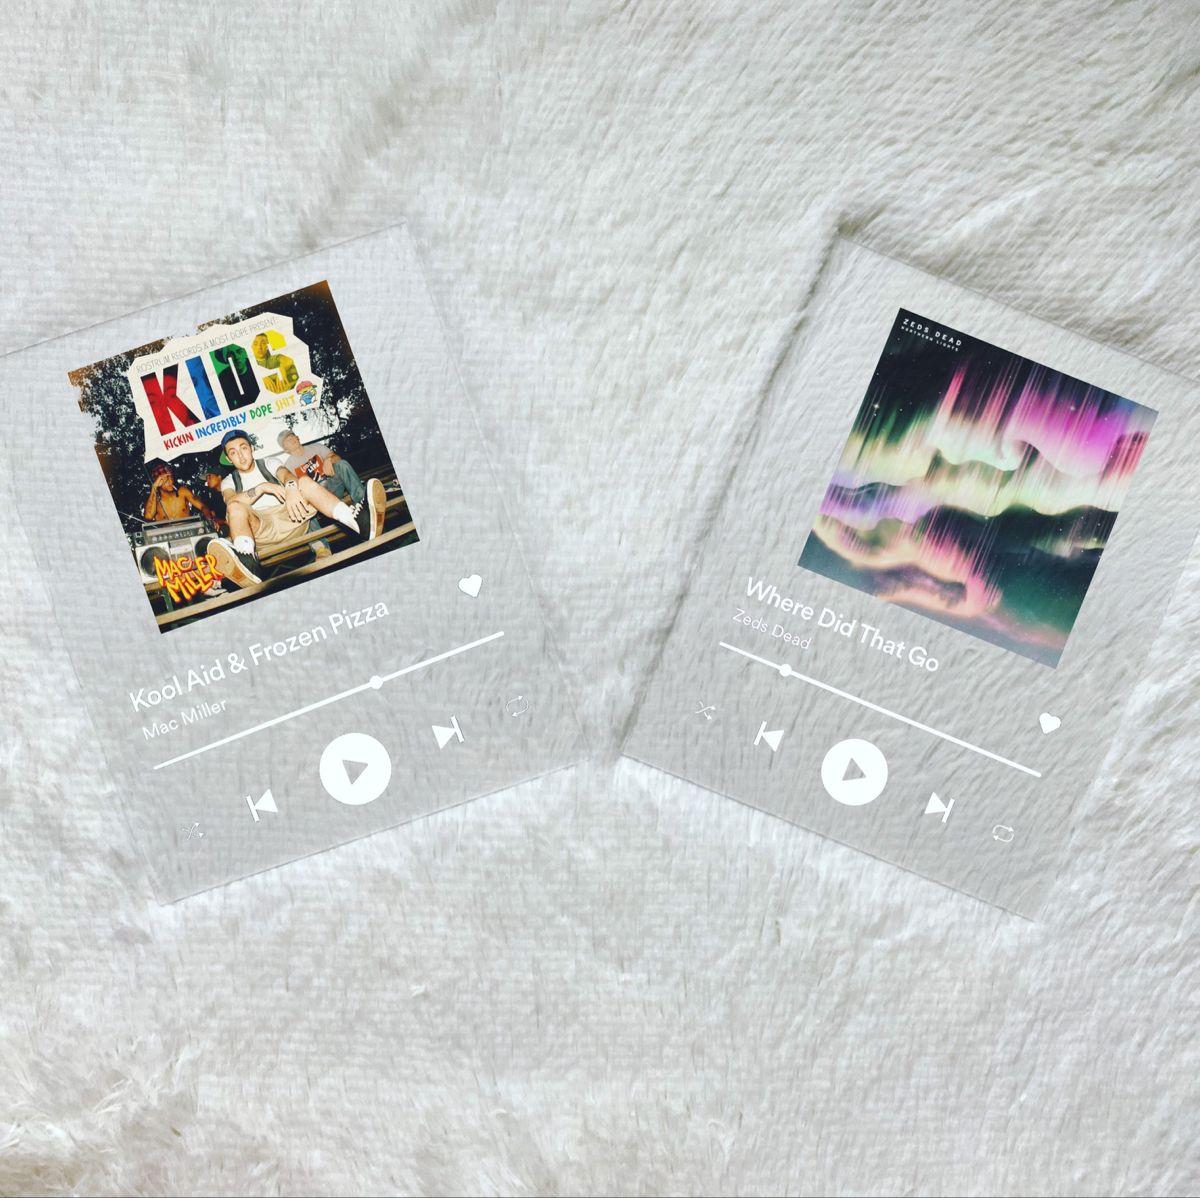 b33aa6573b7c8f5df39e24796ecc0e0e - How To Get Spotify To Play Album In Order